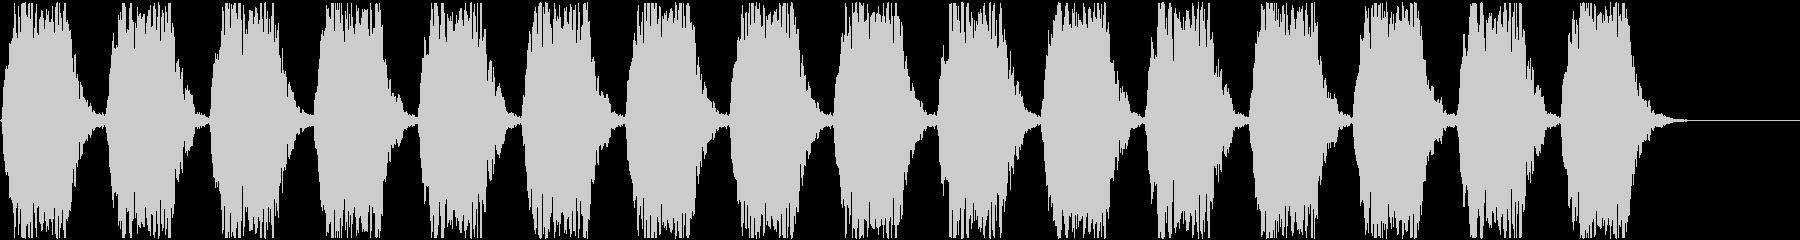 警報アラーム音(中bpm58)ルーム残響の未再生の波形